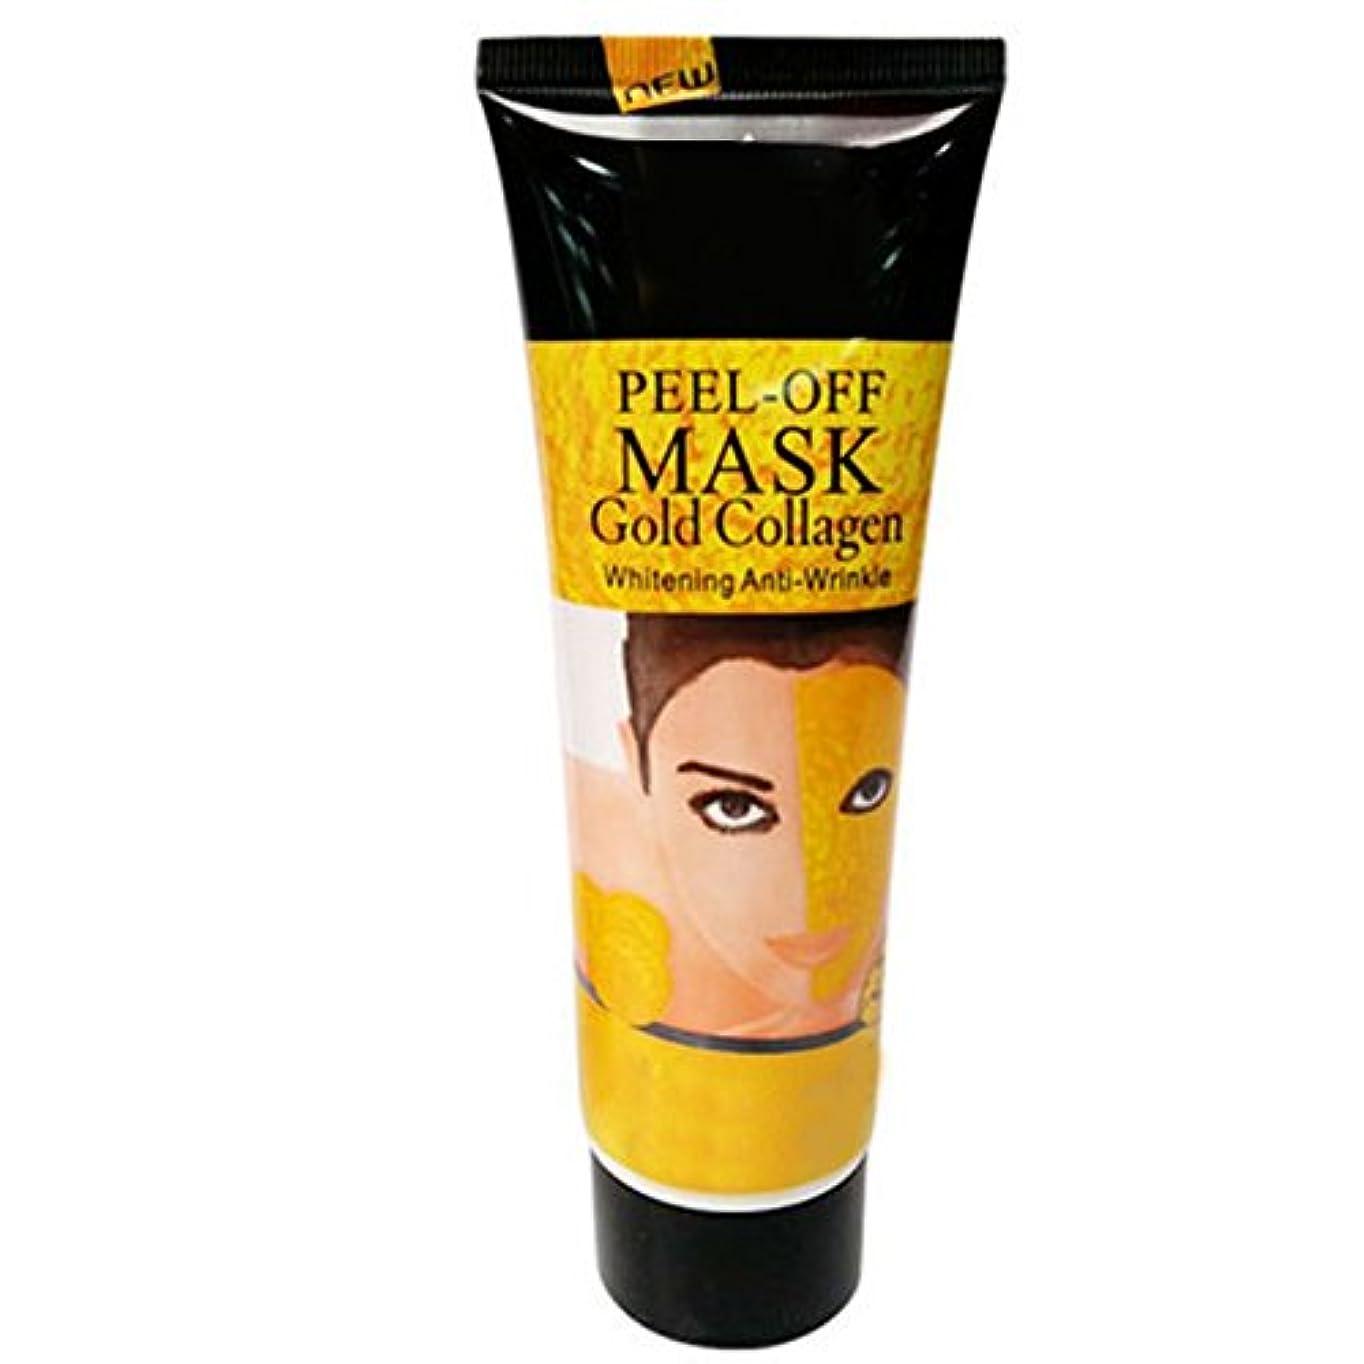 Funwill 24Kゴールドマスク ゴールドコラーゲンパック アンチエイジングパック スキンケアマスク しわ、黒ずみ、しみなどを除き たるみ肌改善 くすみ改善 しっかりしている肌に戻る